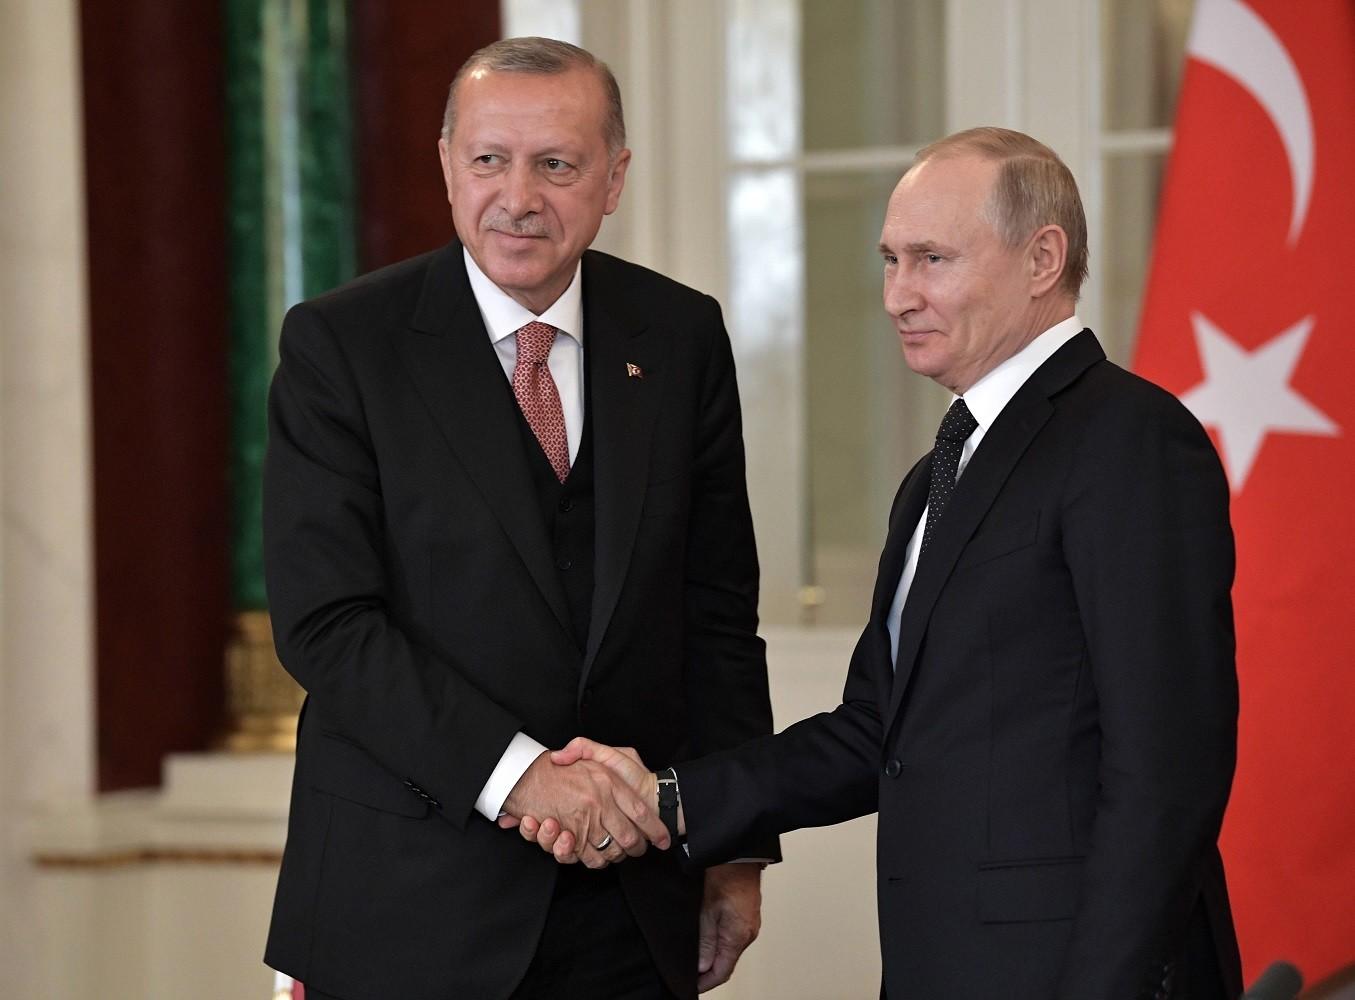 الكرملين: محادثات بين بوتين وأردوغان في موسكو الثلاثاء المقبل